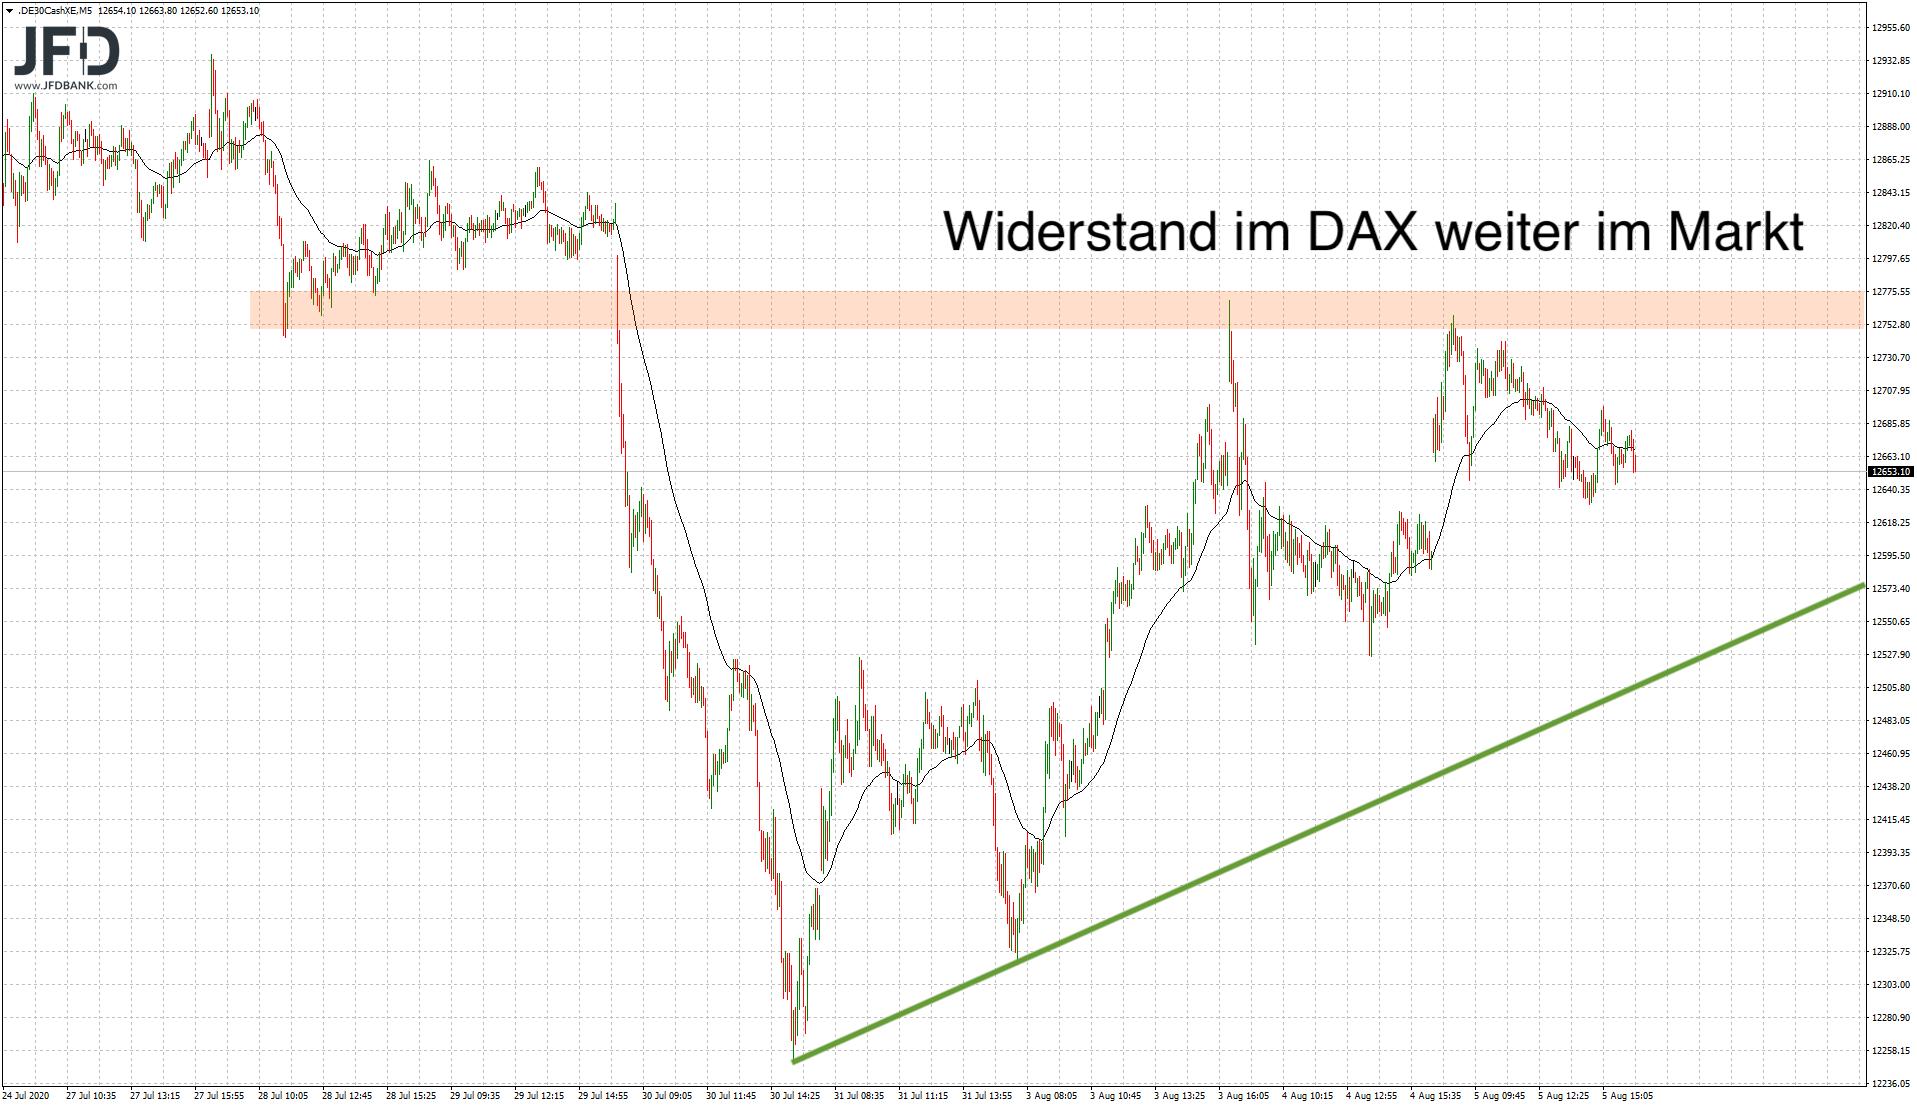 DAX mittelfristig mit Widerstand 12.750